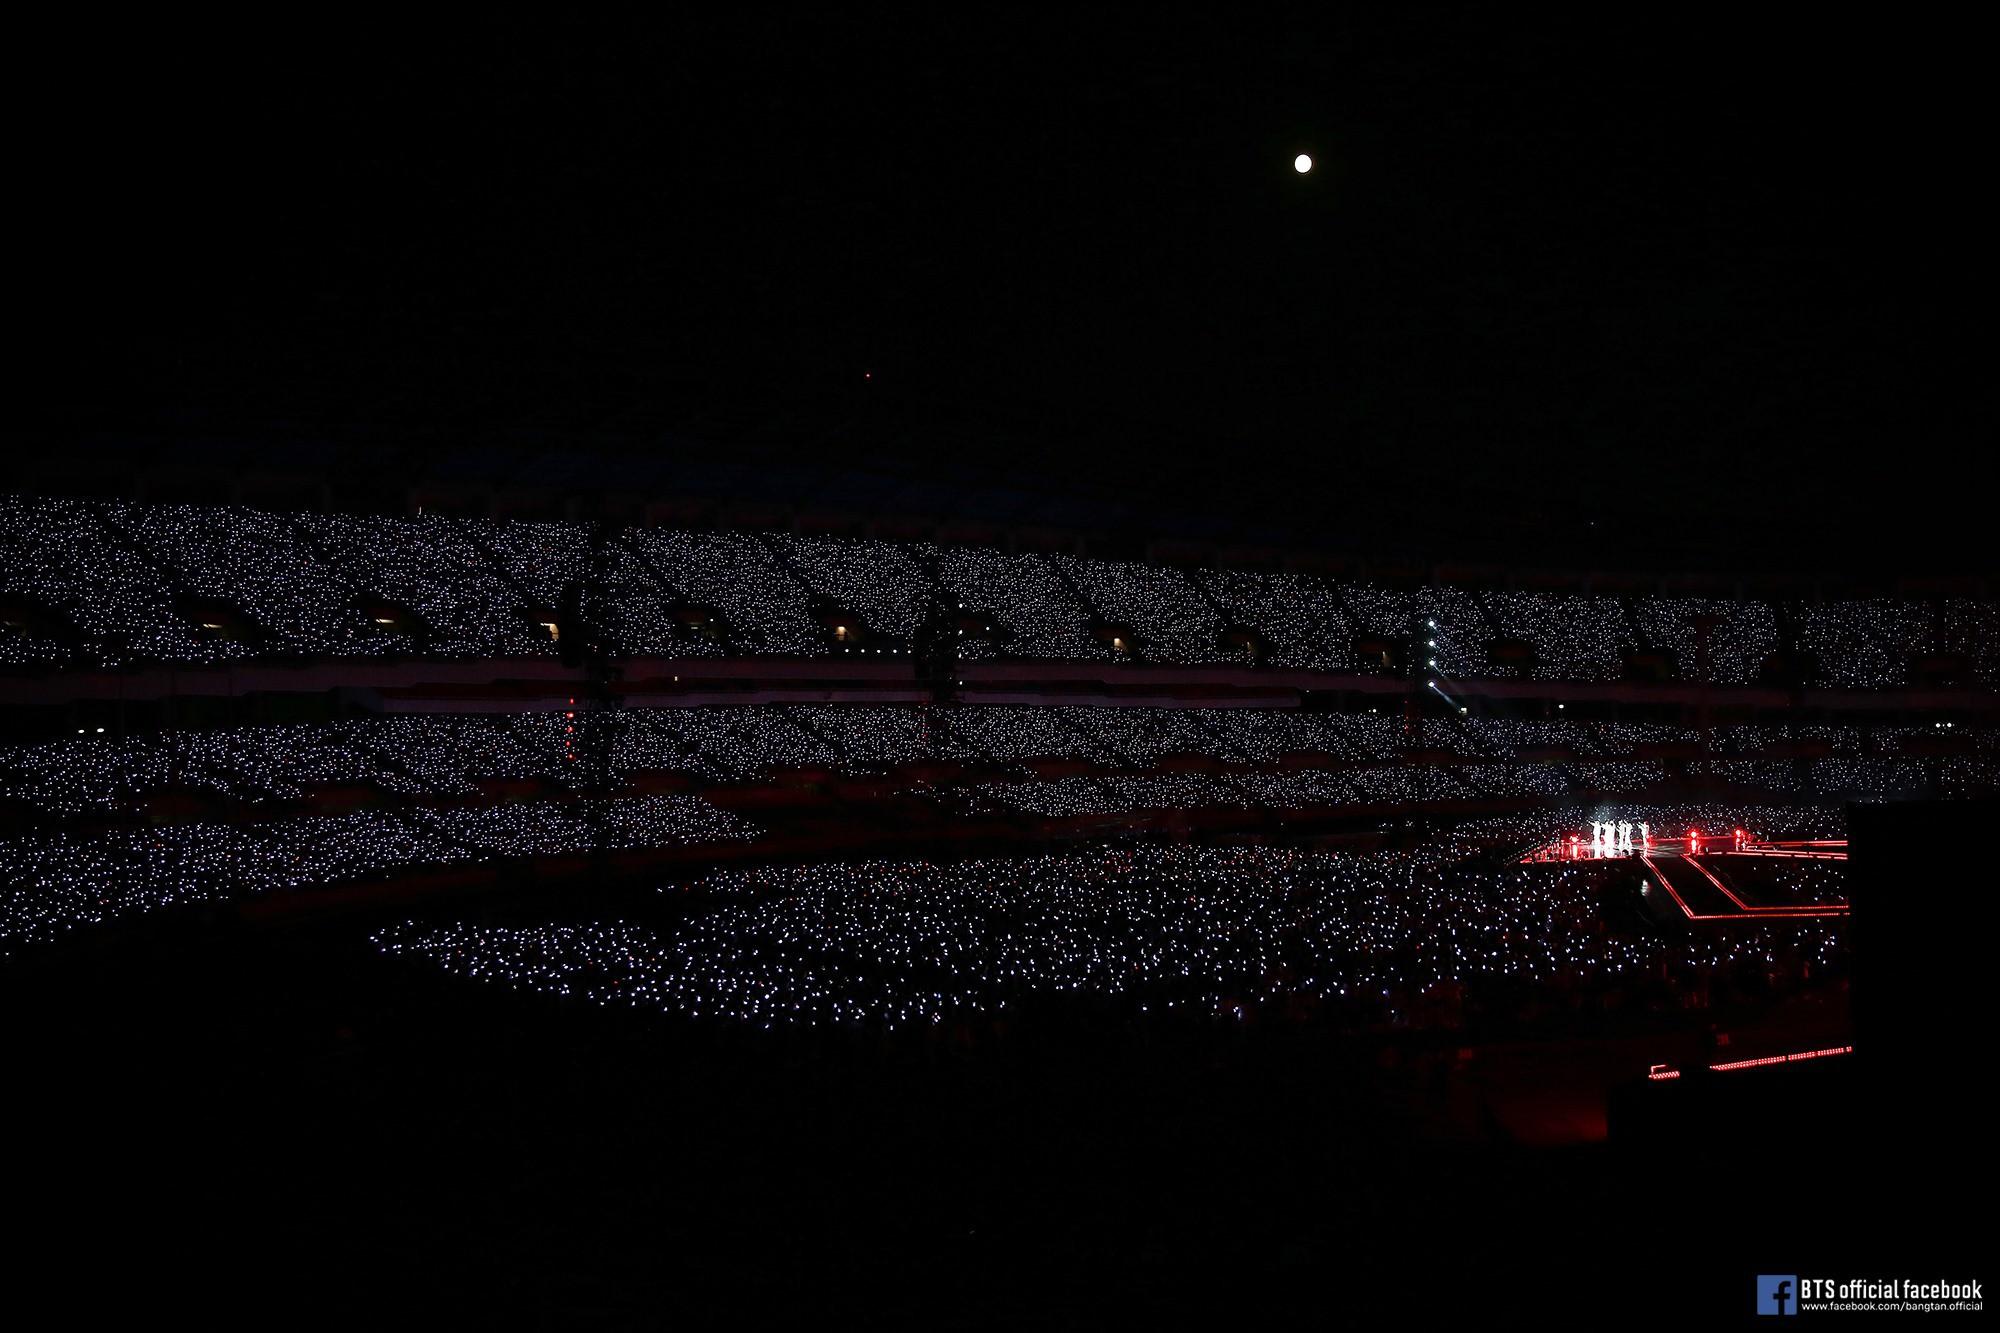 Từ concert Wembley lịch sử cho đến hội đồng bỏ phiếu của giải Grammy: sẽ không có một BTS kết thúc ở hai từ hiện tượng - Ảnh 6.